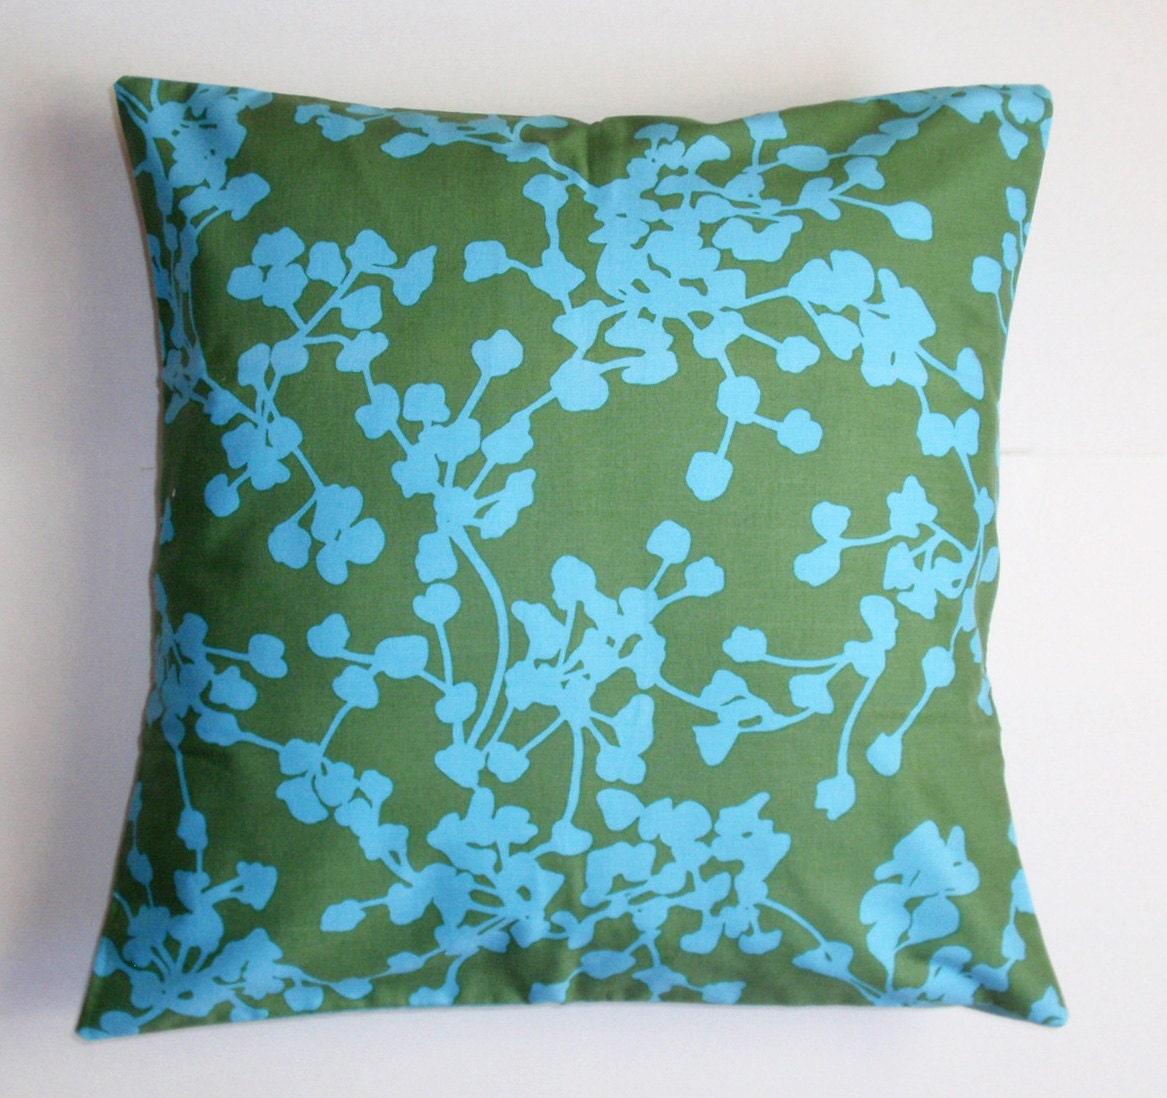 Throw Pillow Cover Pretty Handmade Sea Green Cushion Cover